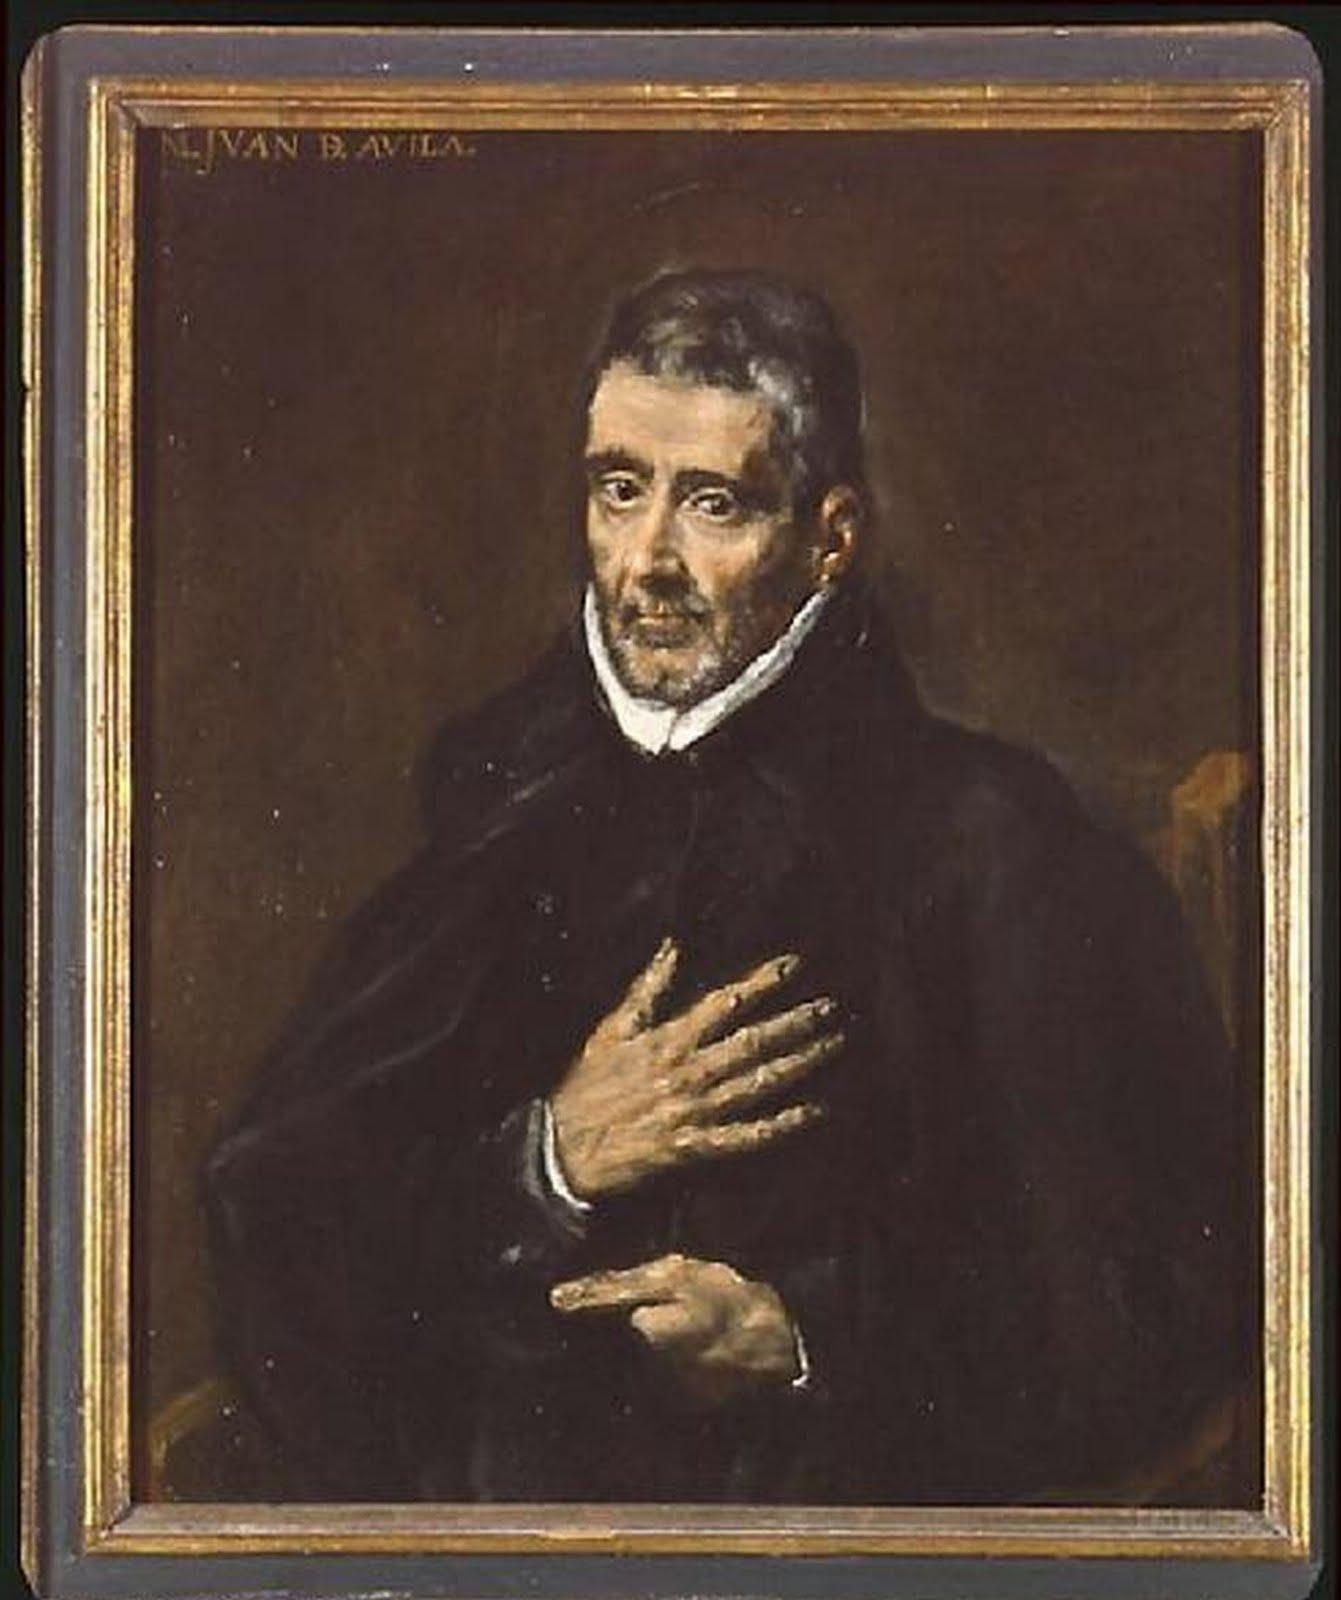 JOHN OF AVILA 1